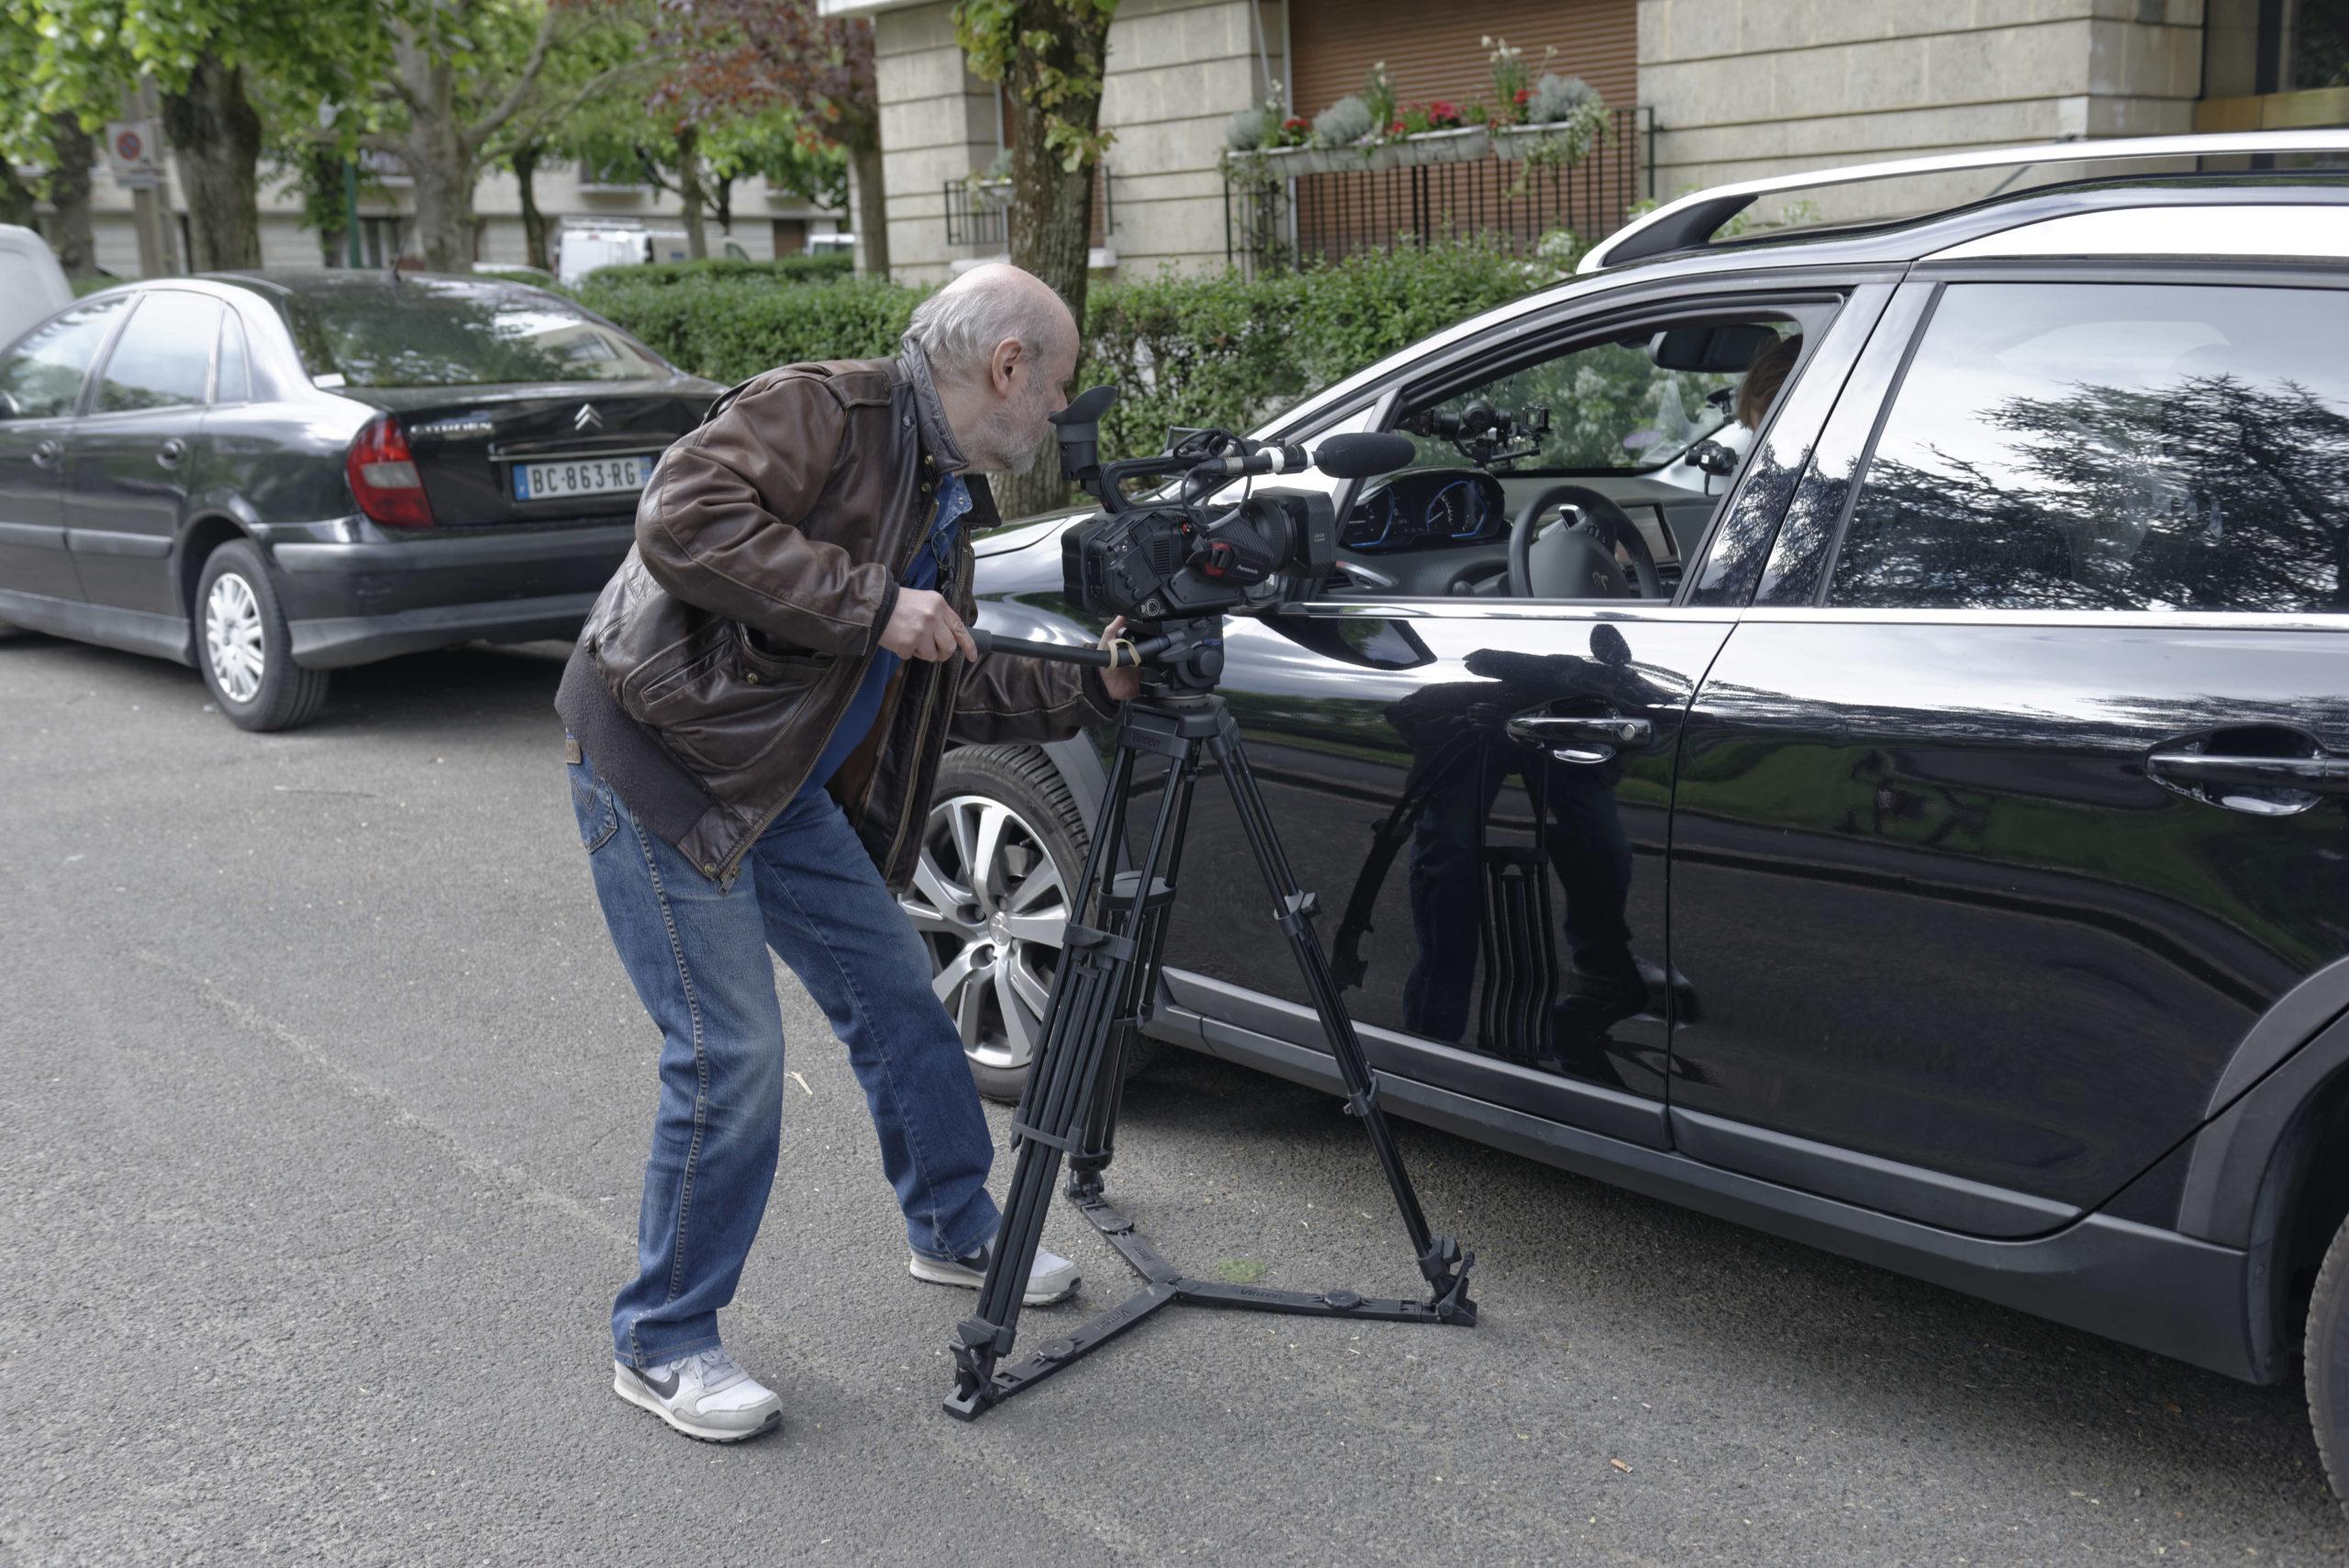 Pere et impair photos tournage 26